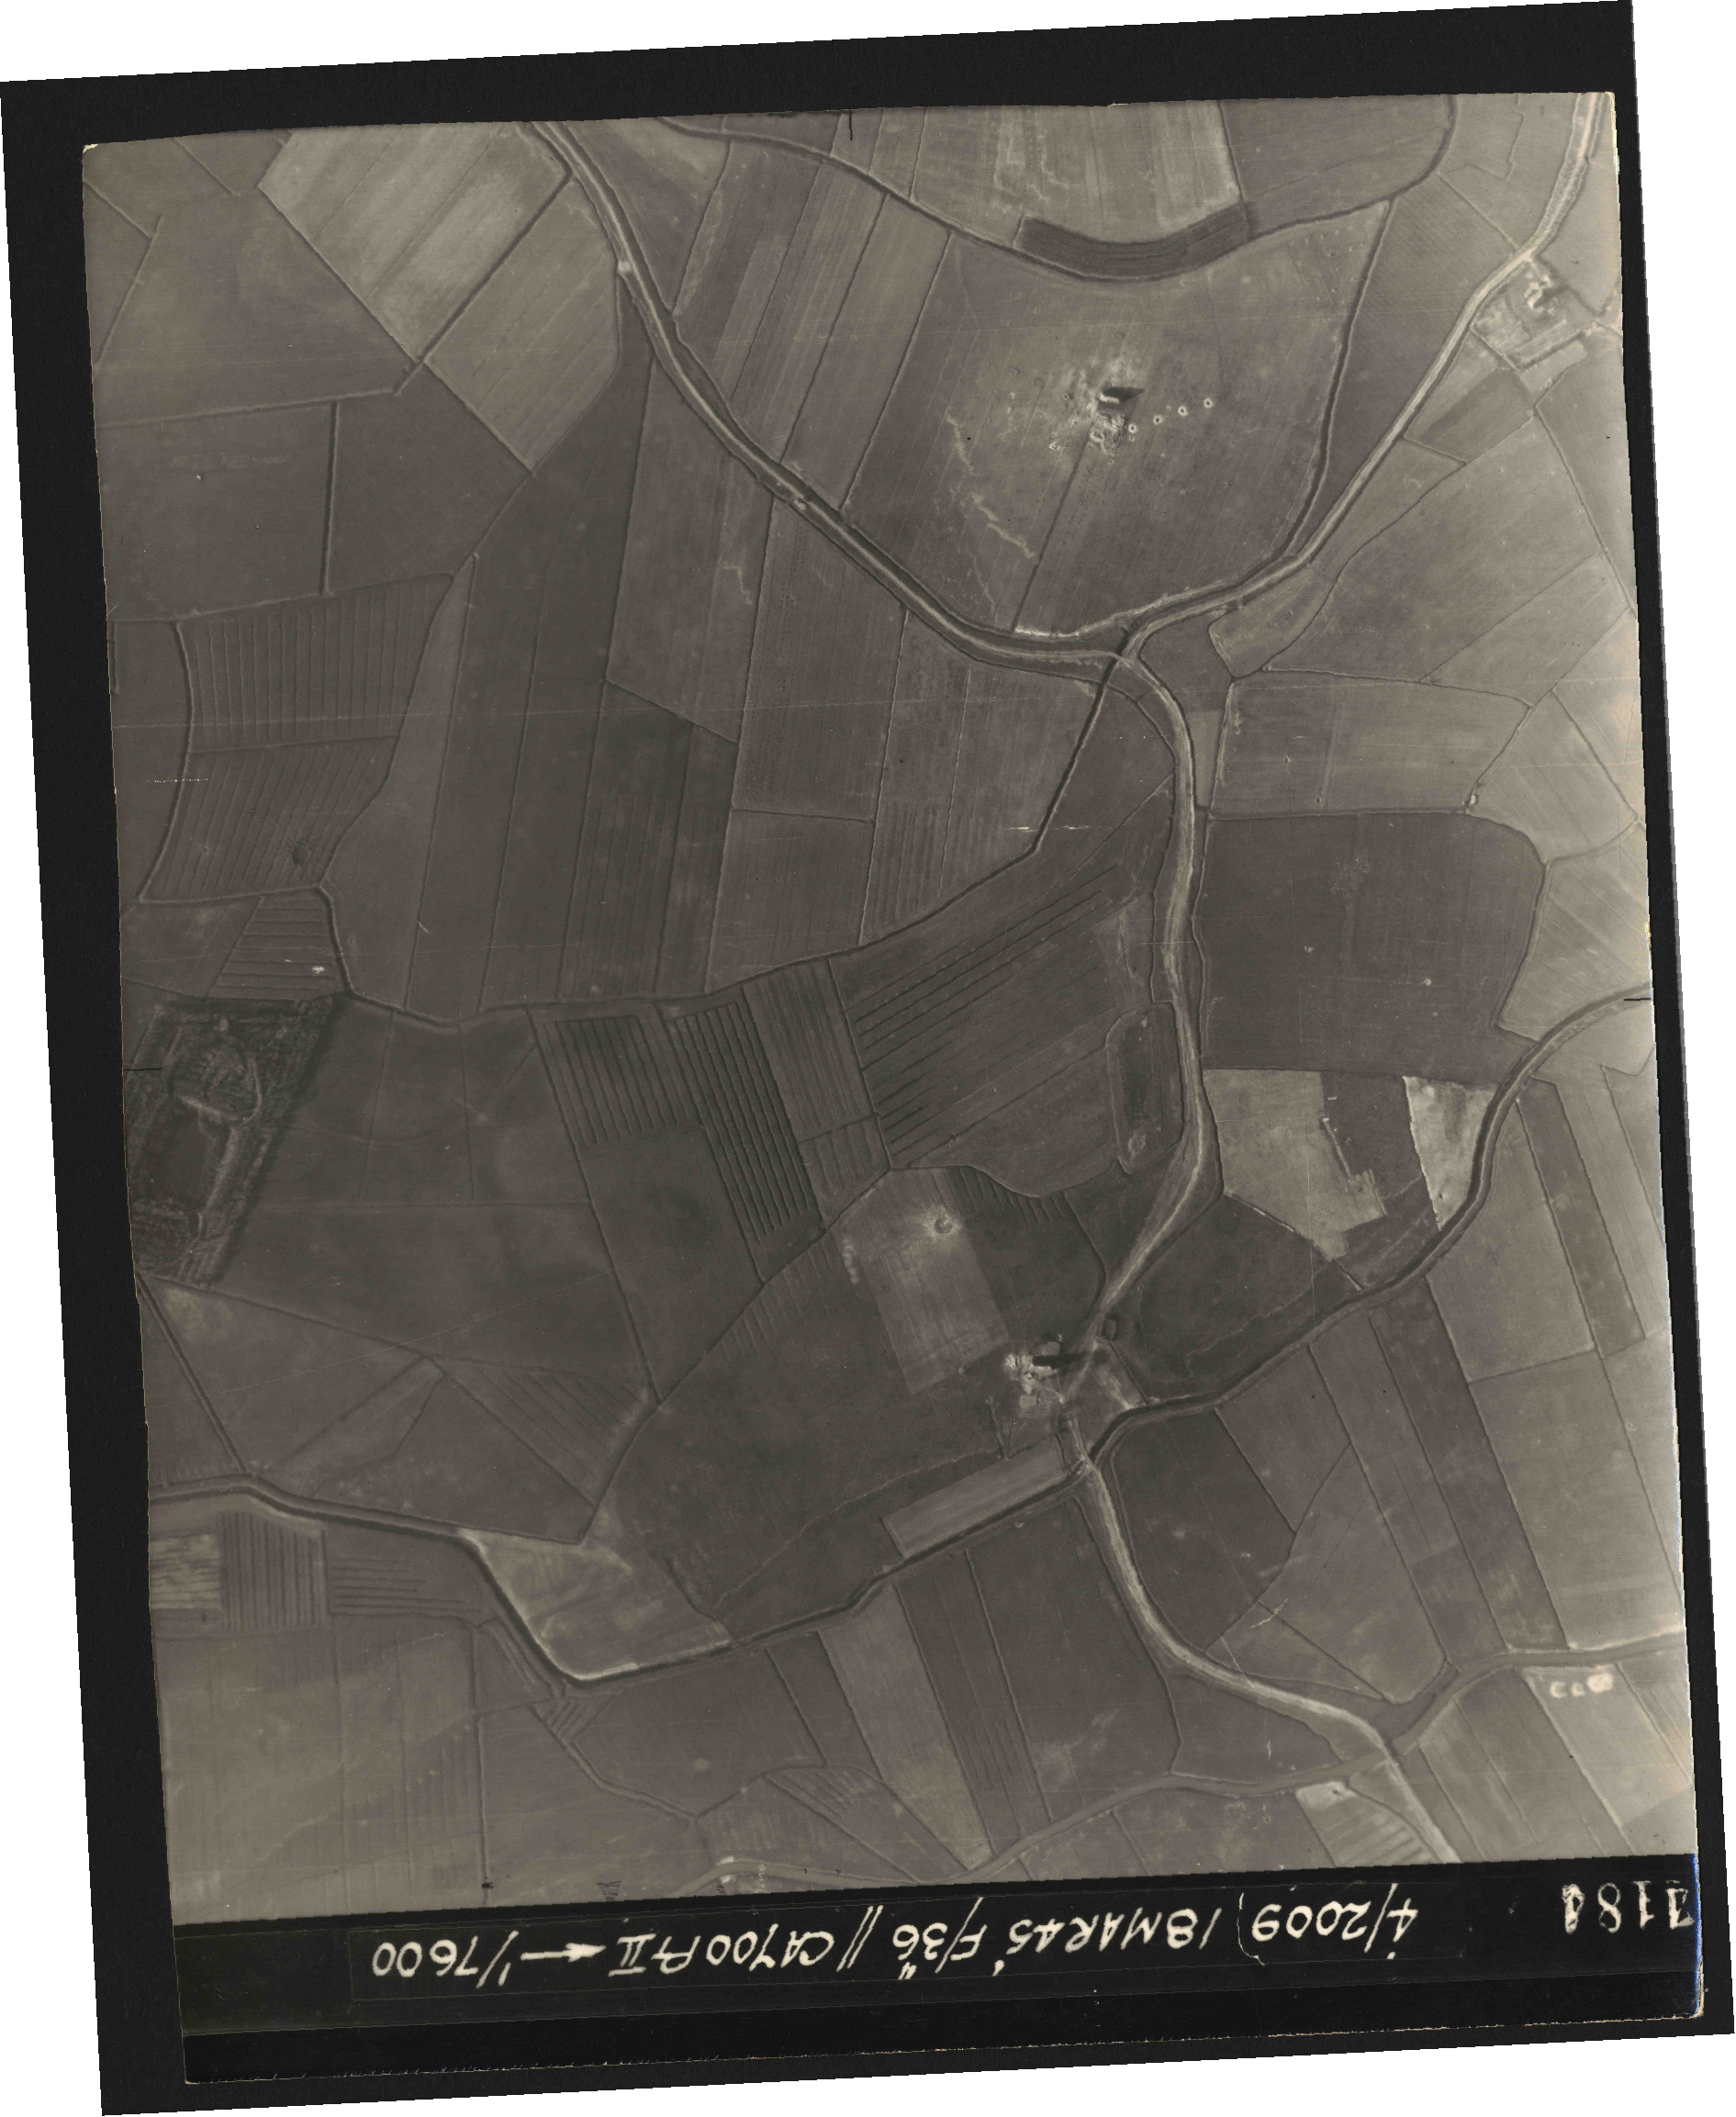 Collection RAF aerial photos 1940-1945 - flight 017, run 10, photo 4184